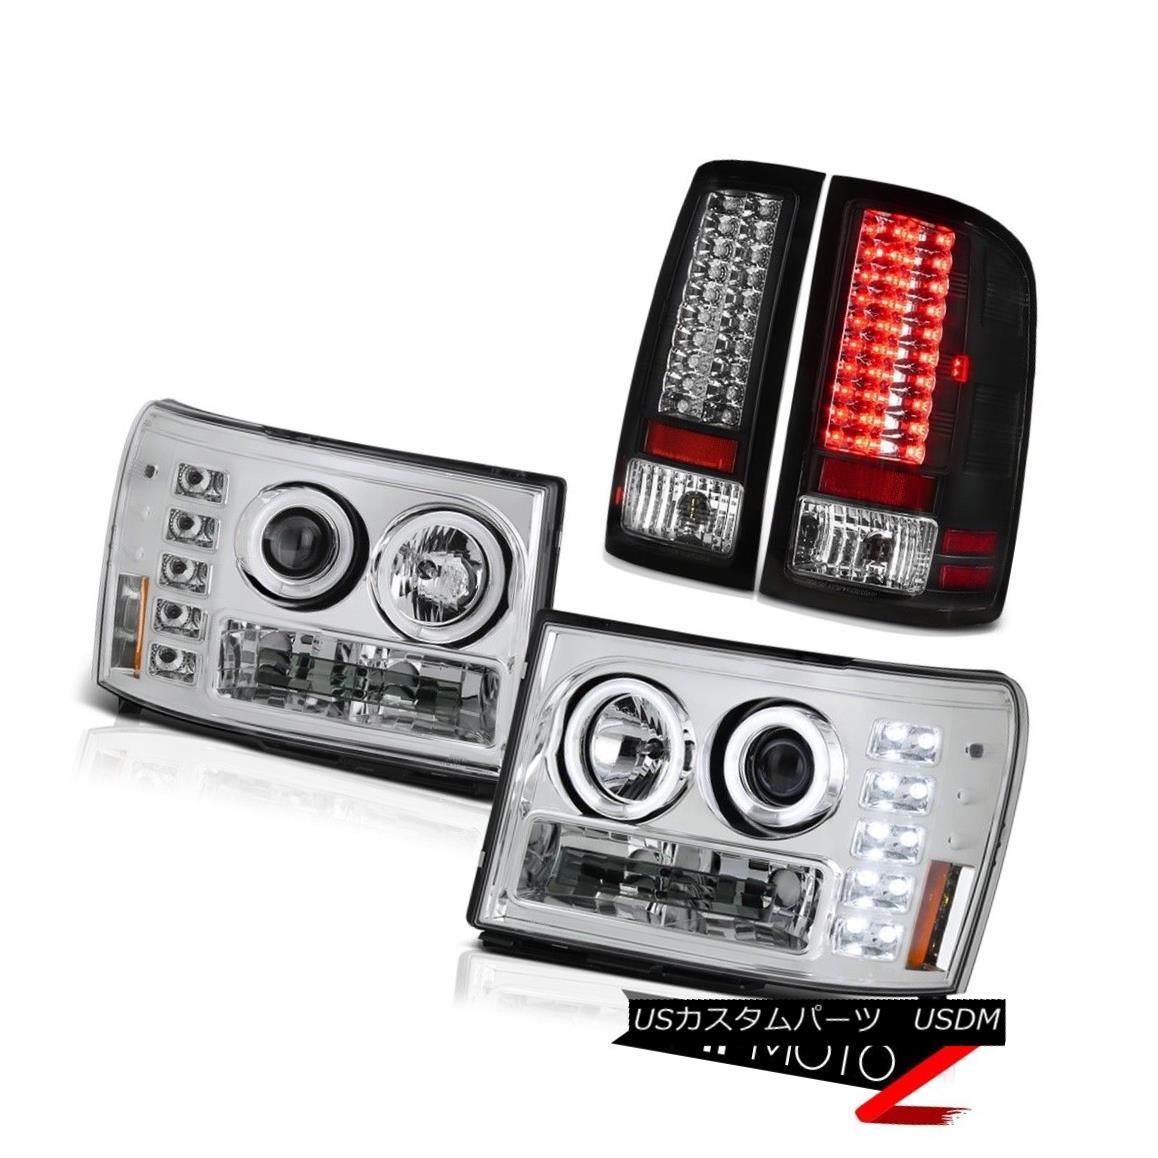 テールライト CCFL Chrome Halo Ring Headlights L.E.D Rear Tail Lights 07-13 Sierra Duramax SLE CCFLクロームハローリングヘッドライトL.E.Dリアテールライト07-13 Sierra Duramax SLE